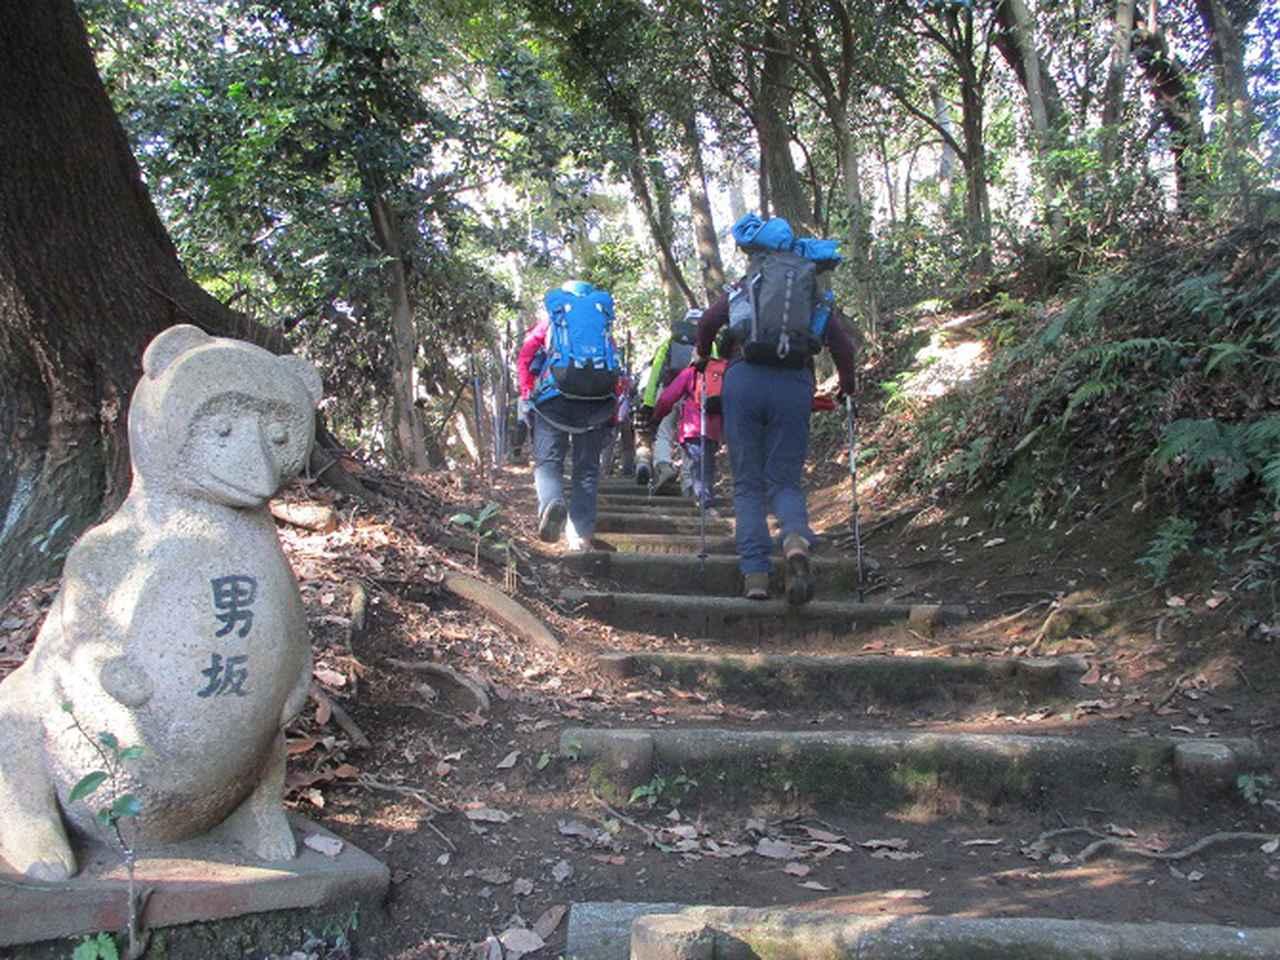 画像4: 1月21日に岡田ガイドのコースで 丹沢白山 へ行ってきました♪